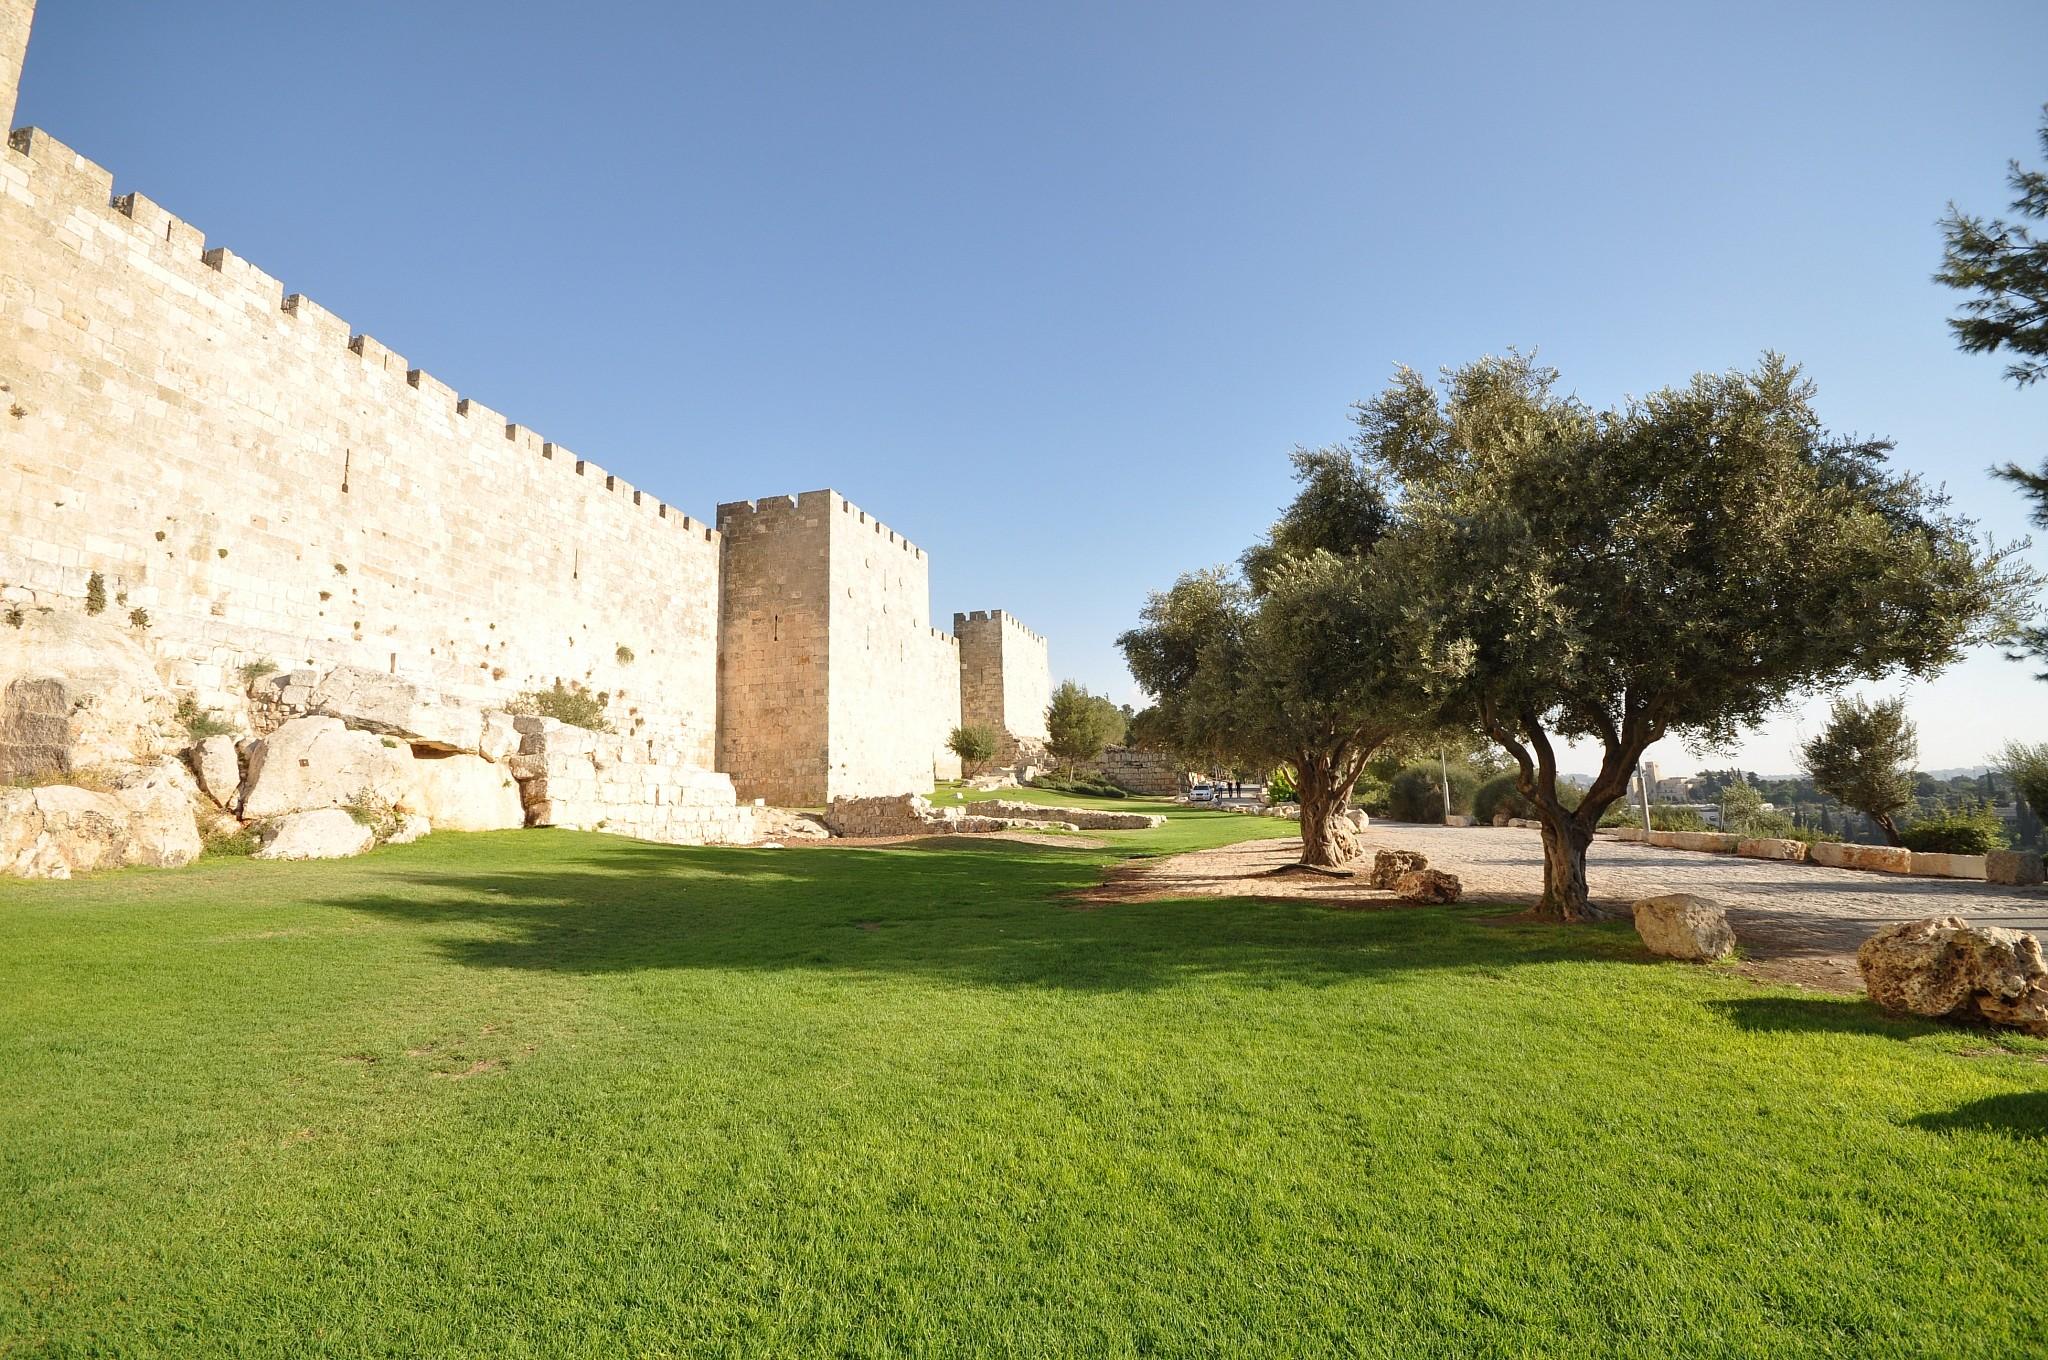 Voeschanan: Twin Cities of Zion and Jerusalem | Reuven Chaim Klein